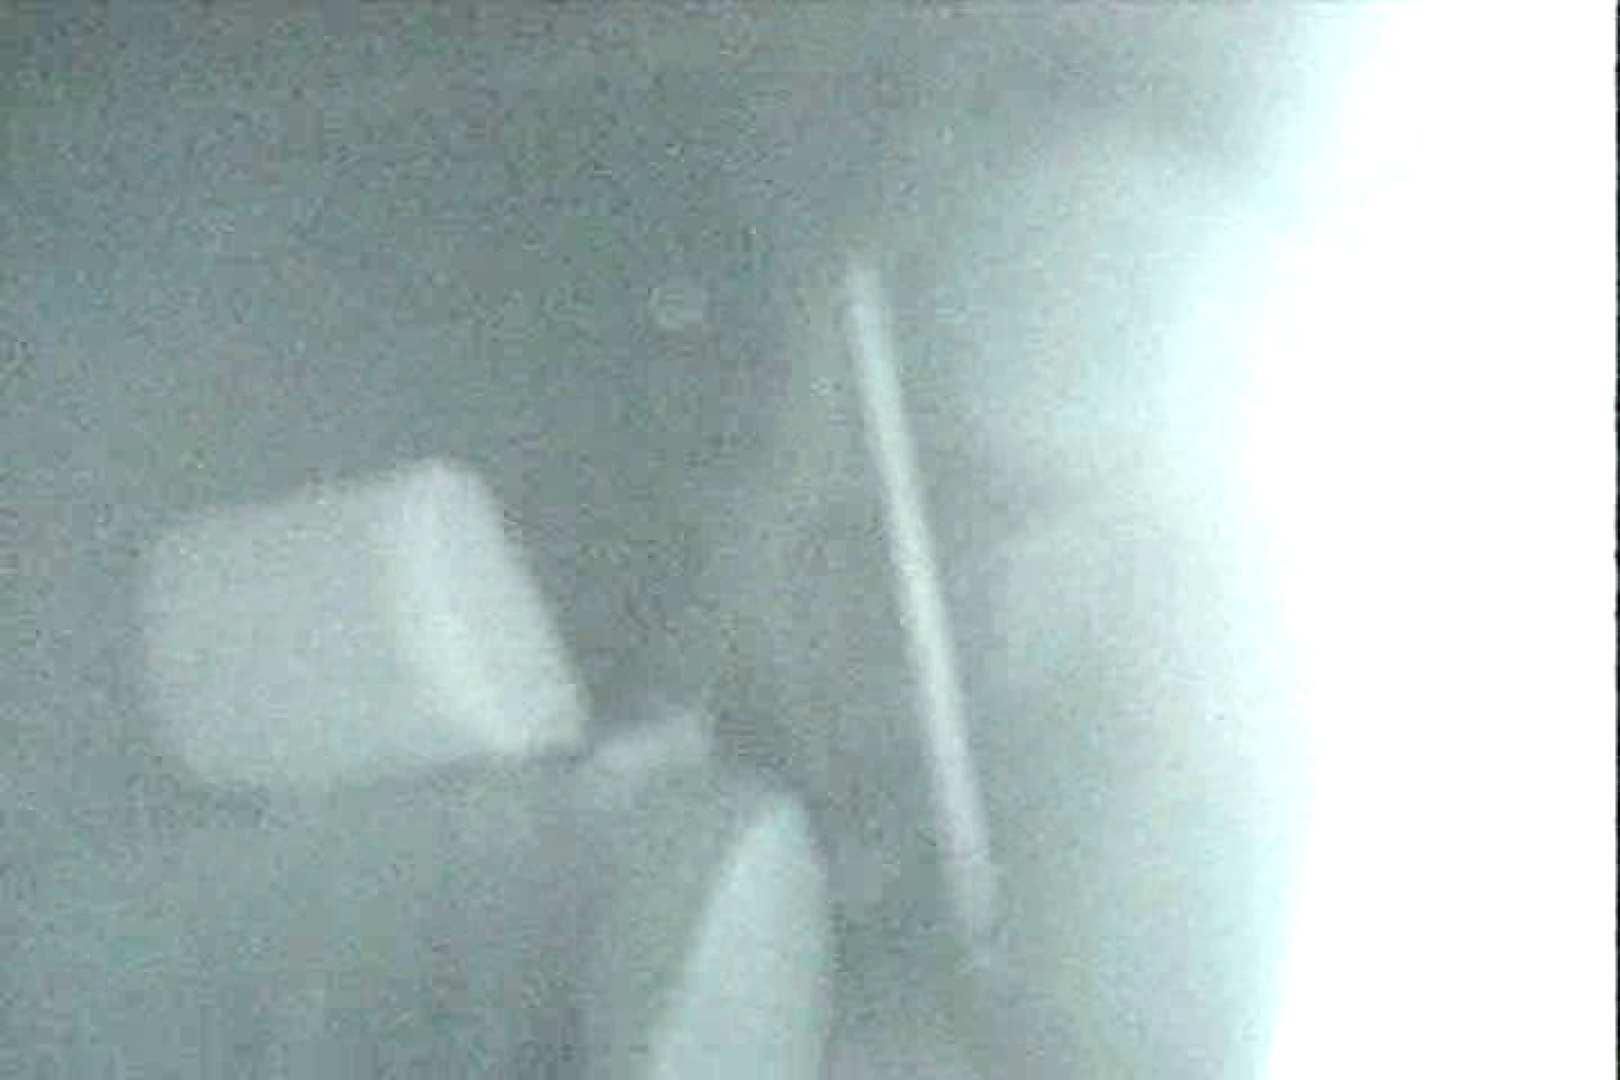 充血監督の深夜の運動会Vol.39 カップル   OLの実態  79pic 33